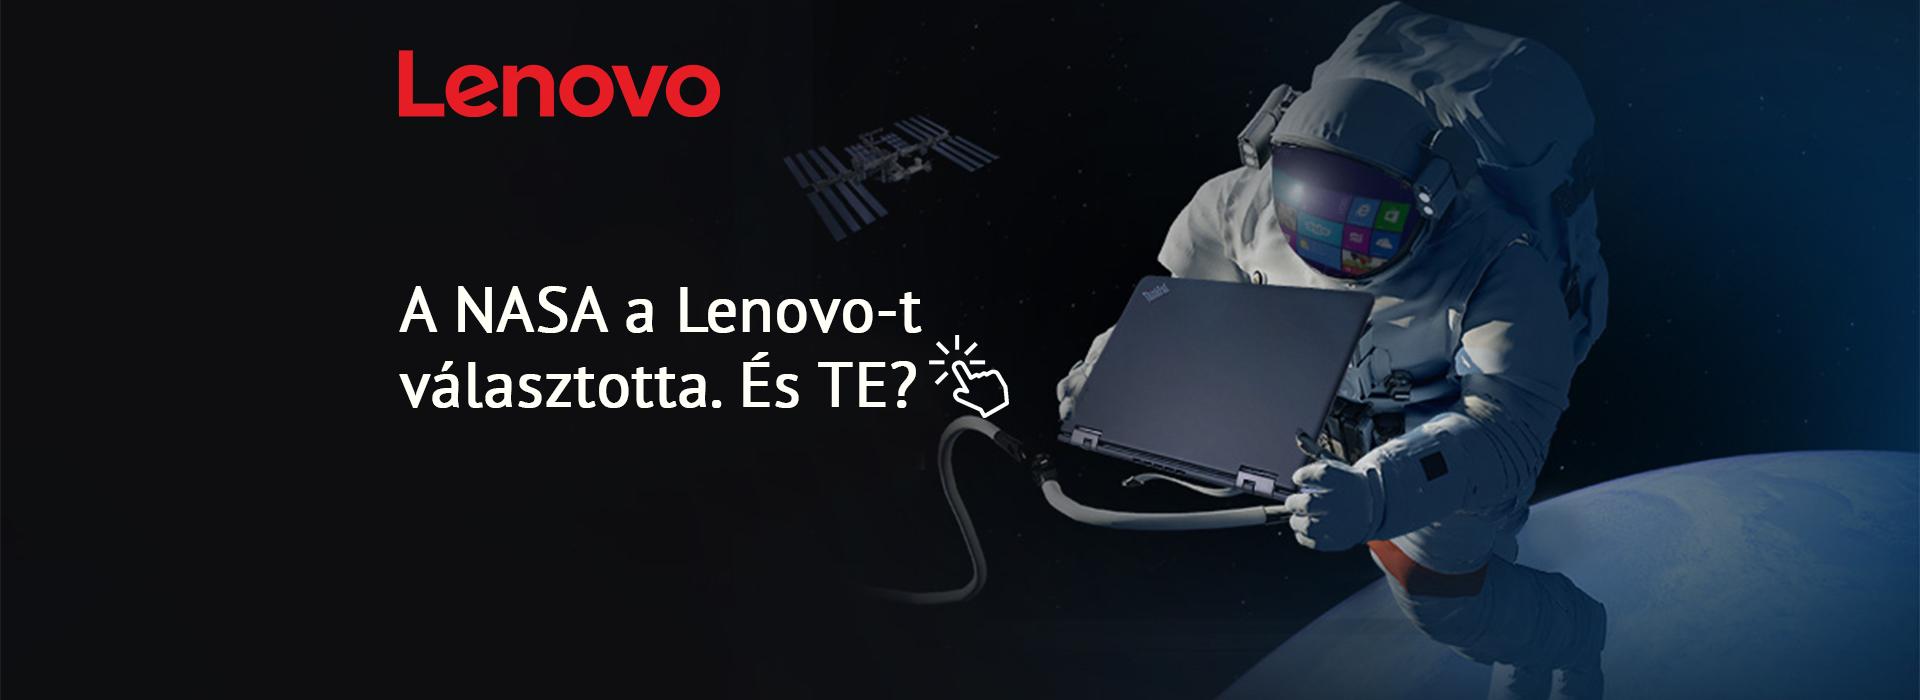 Lenovo Space